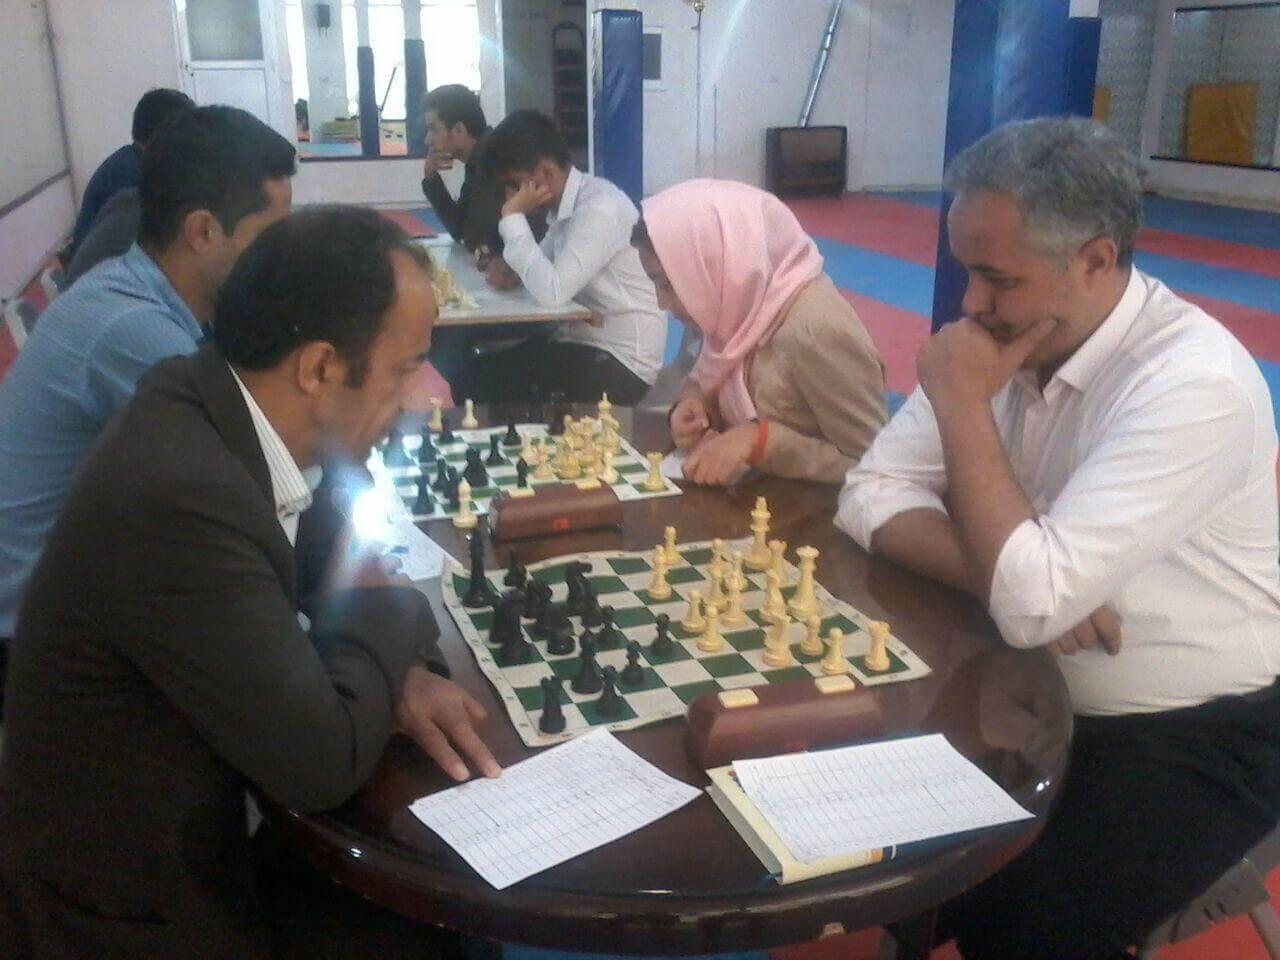 برگزاری مسابقات استاندارد در 9 دور با زمان 60 دقیقه و 30 ثانیه پاداش توسط هیات شطرنج رباط کریم